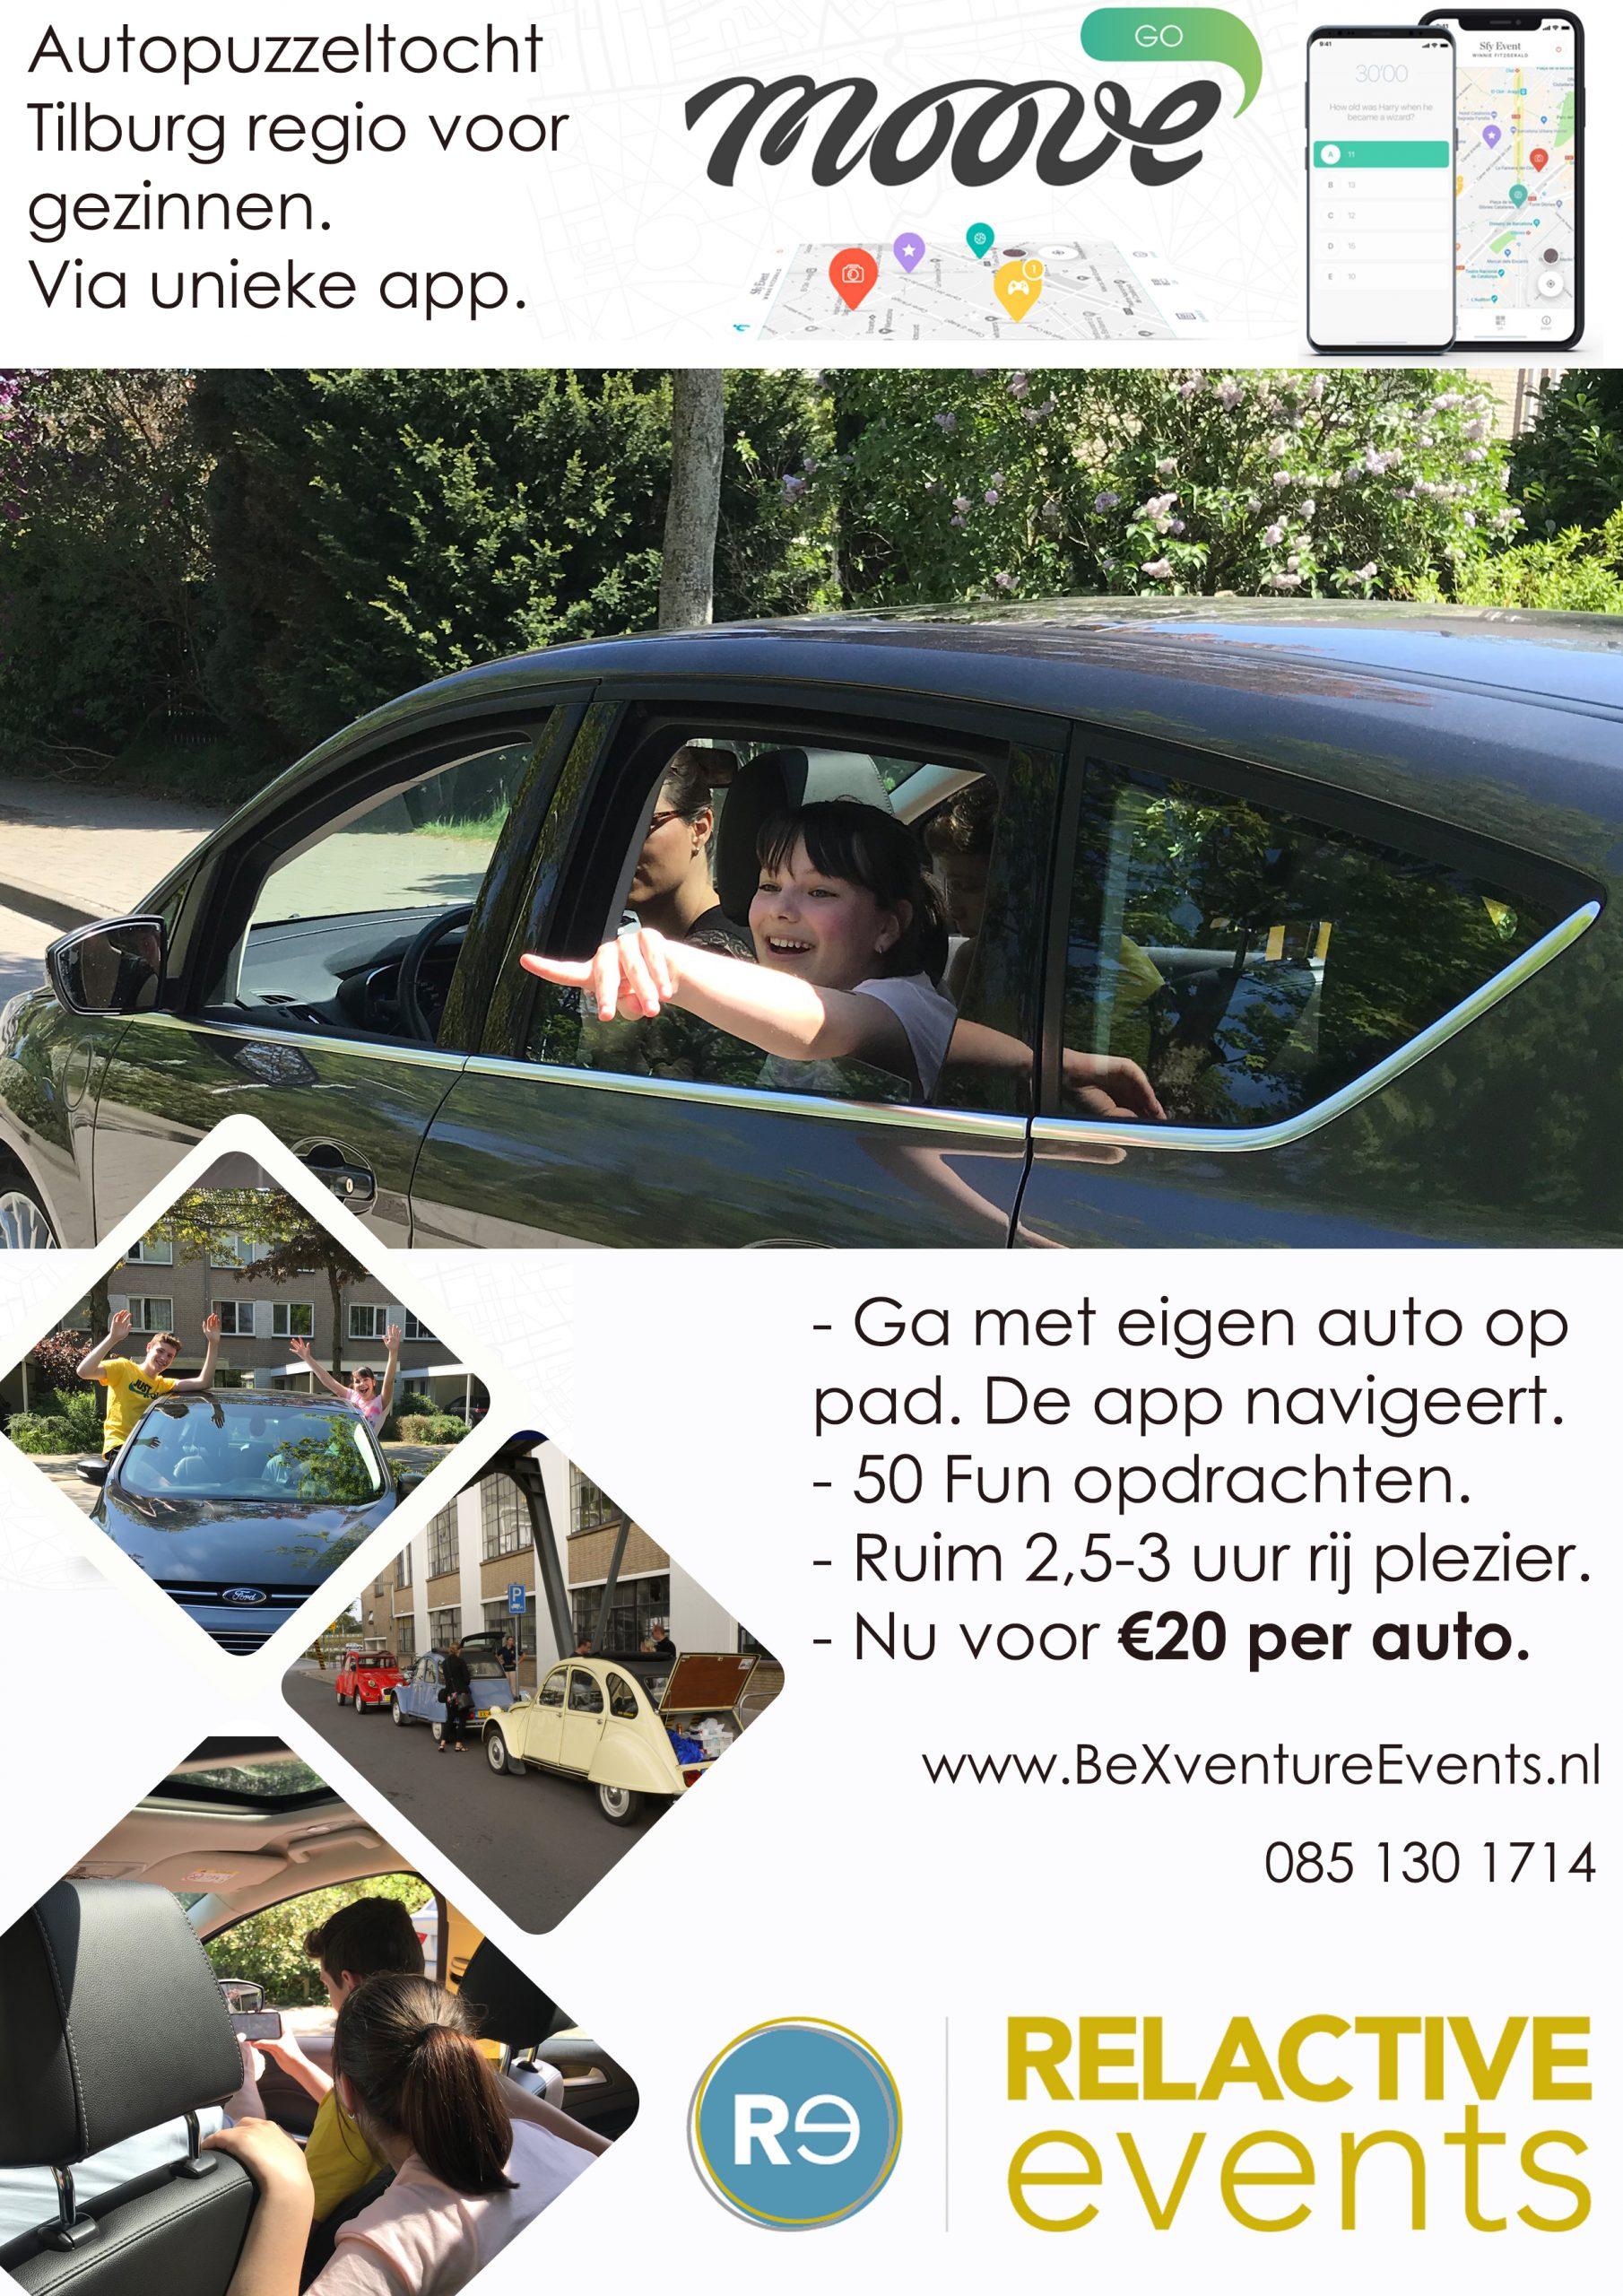 Autopuzzeltocht Tilburg